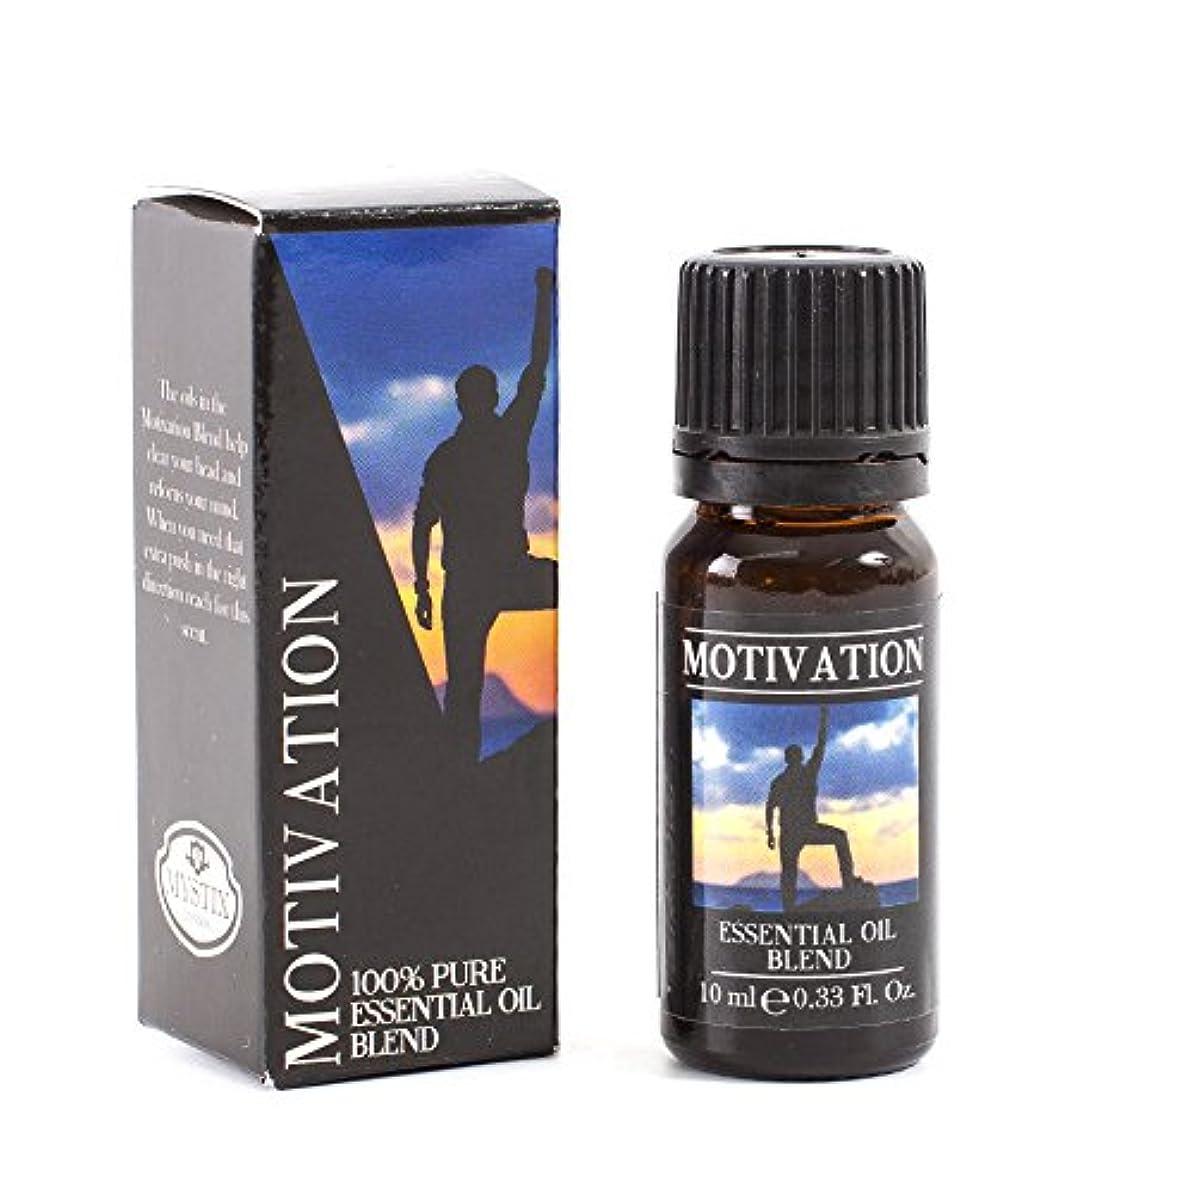 鉄衝突介入するMystix London | Motivation Essential Oil Blend - 10ml - 100% Pure